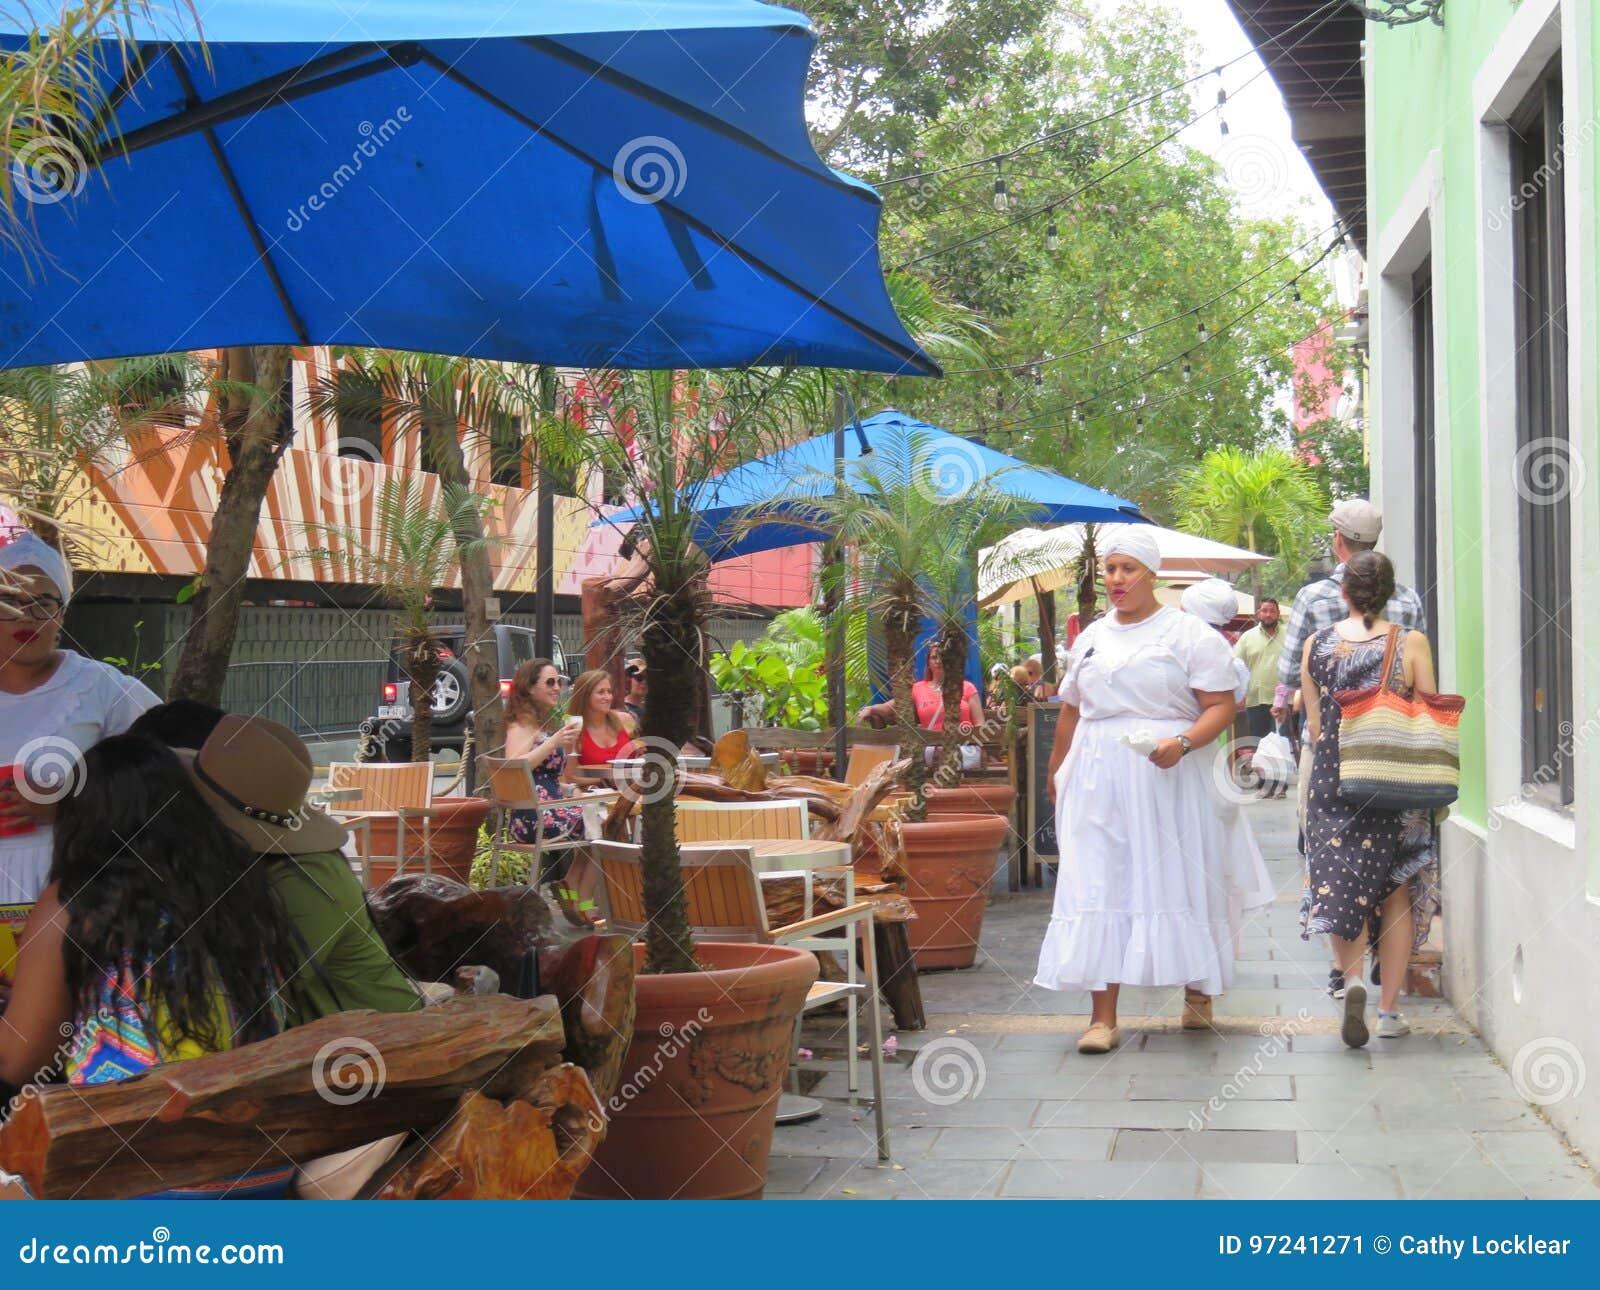 Outdoor Restaurants Along The Streets In San Juan Puerto